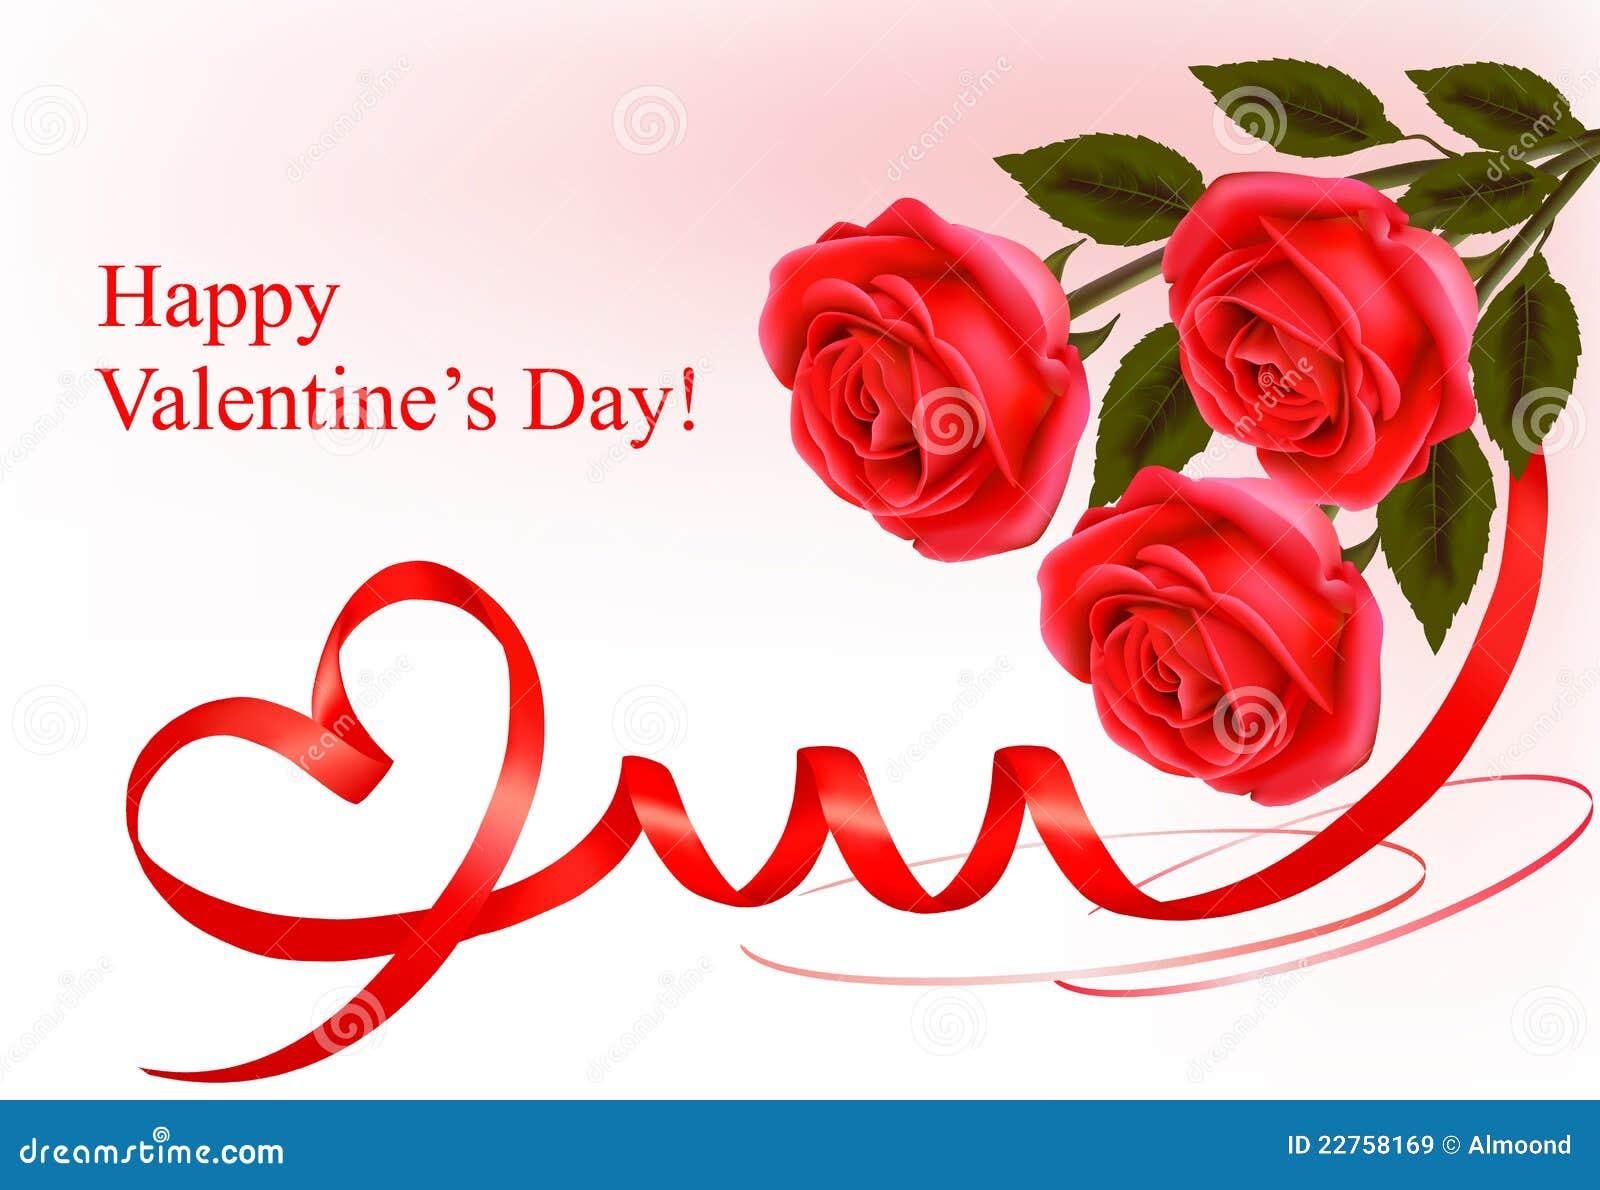 Fondo del día del `s de la tarjeta del día de San Valentín. El rojo se levantó con las cintas